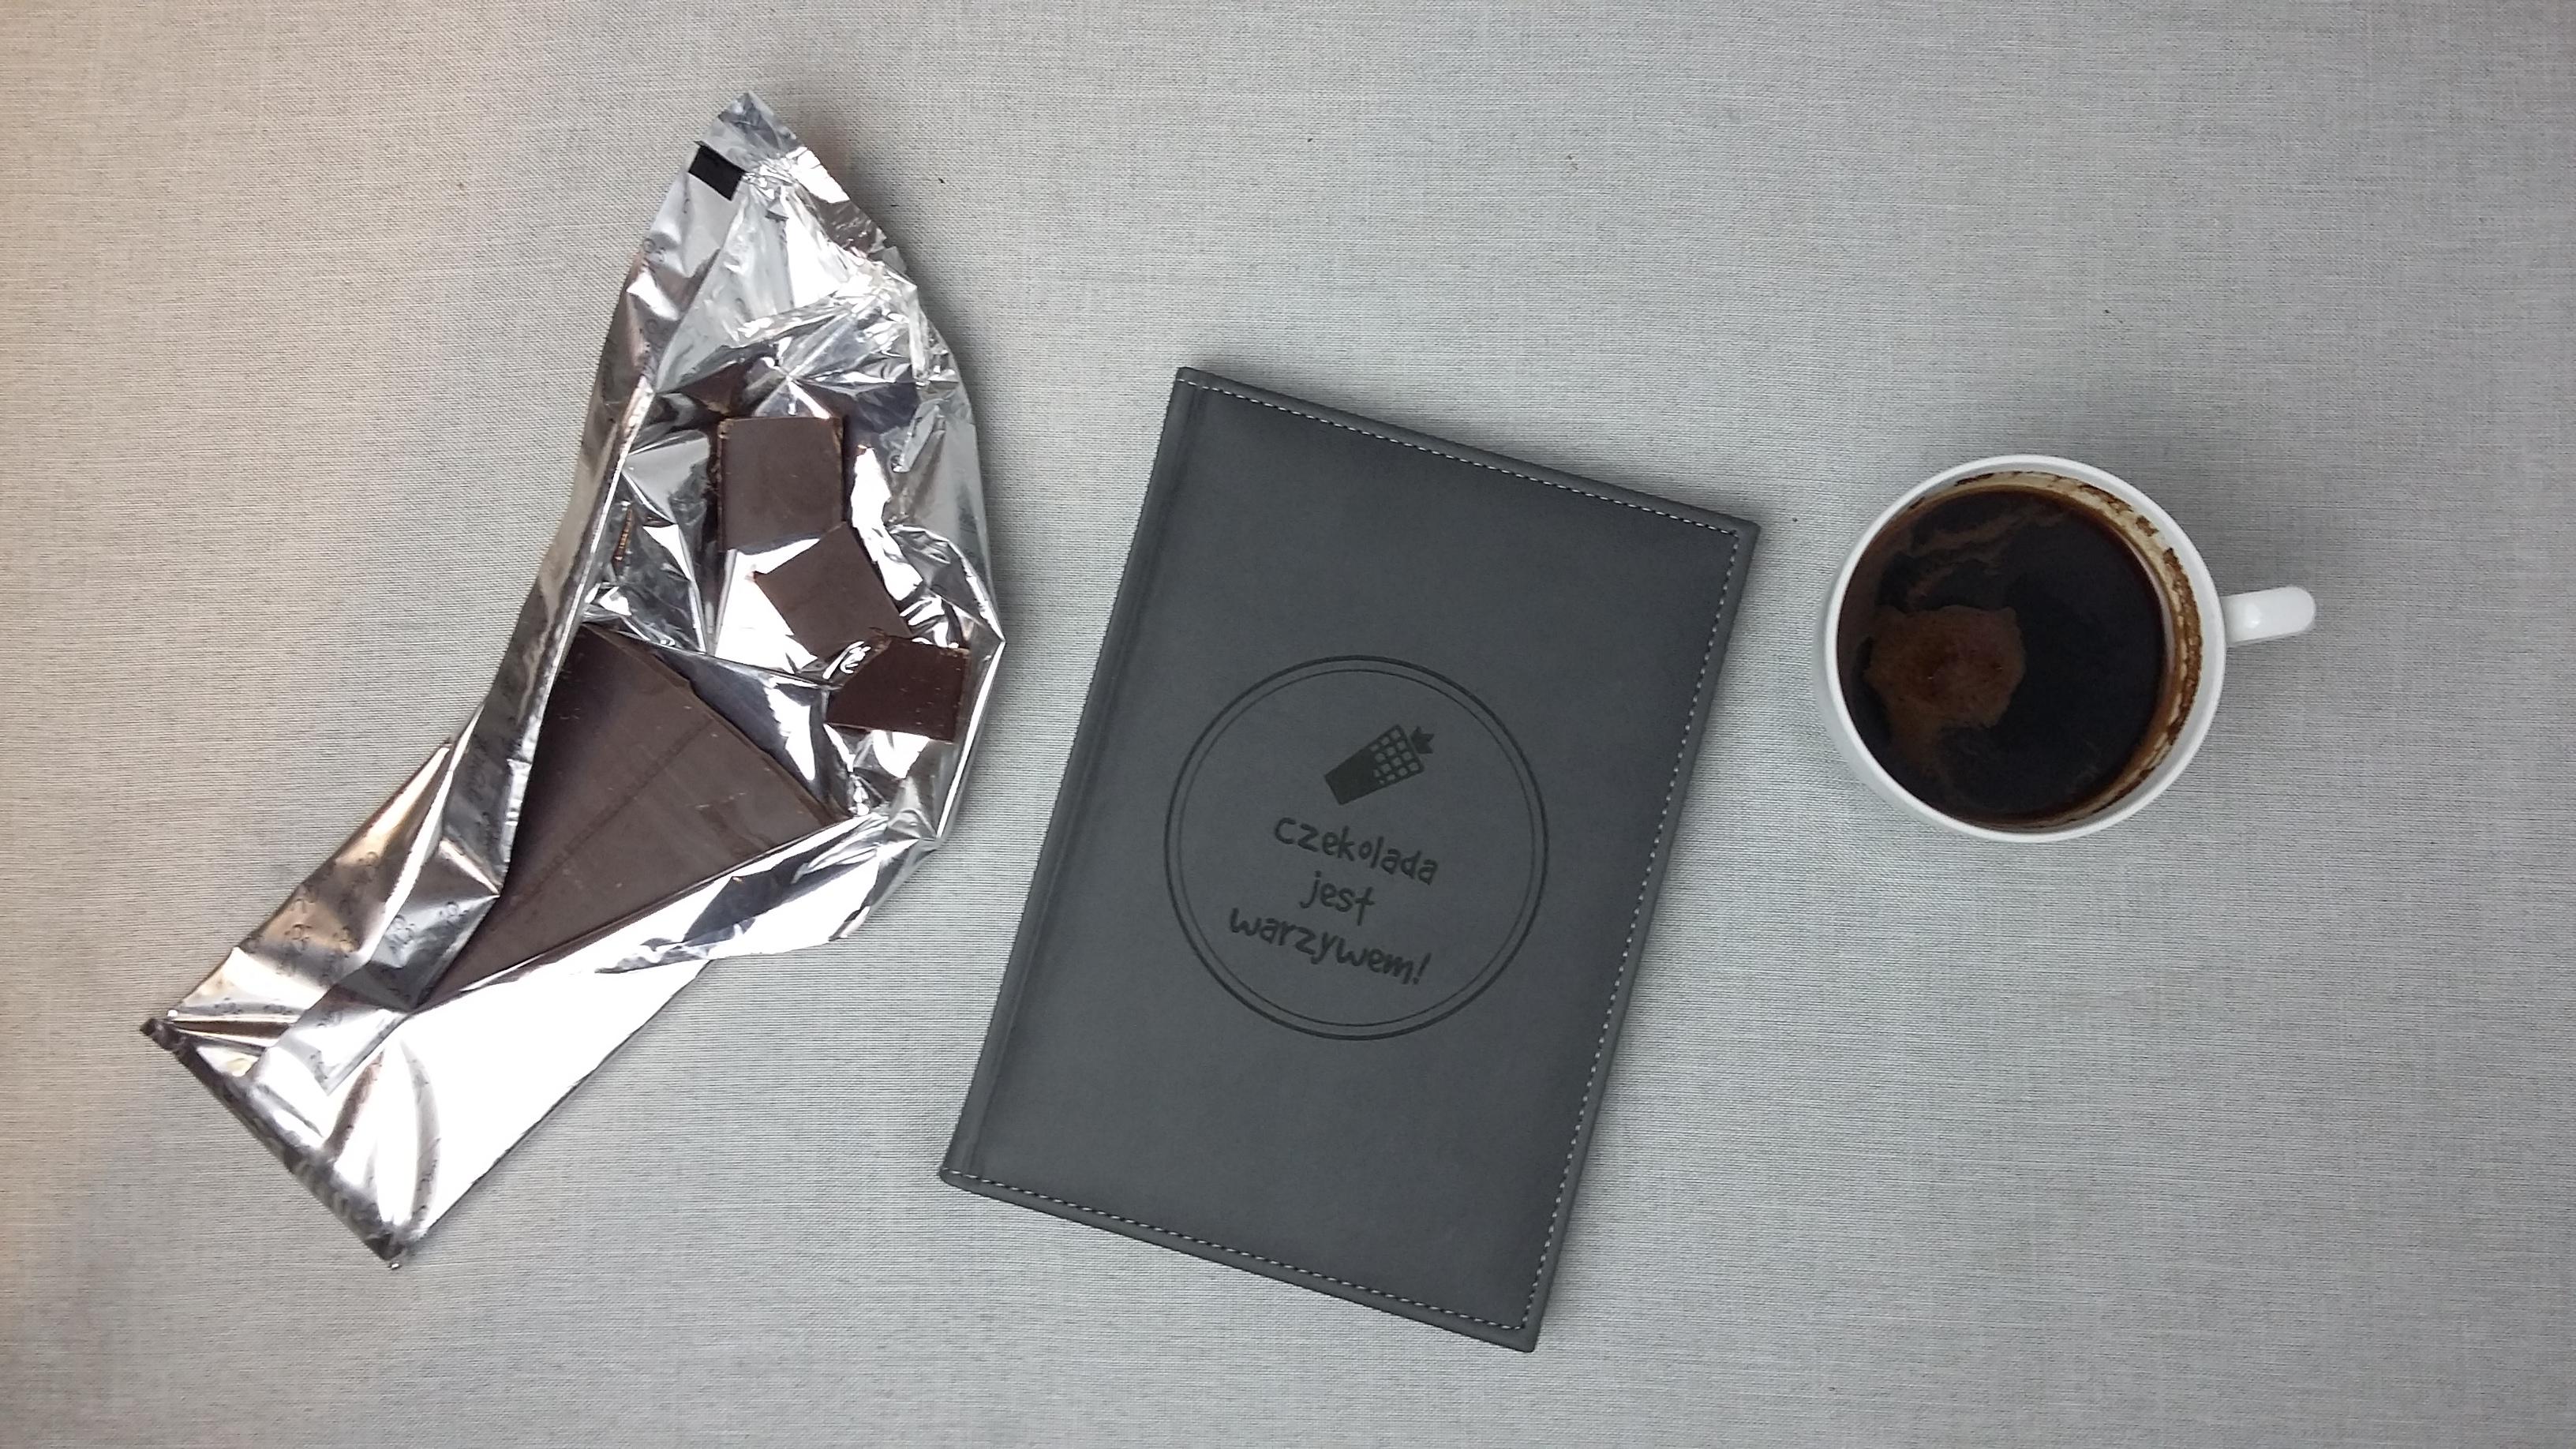 czekolada jest warzywem